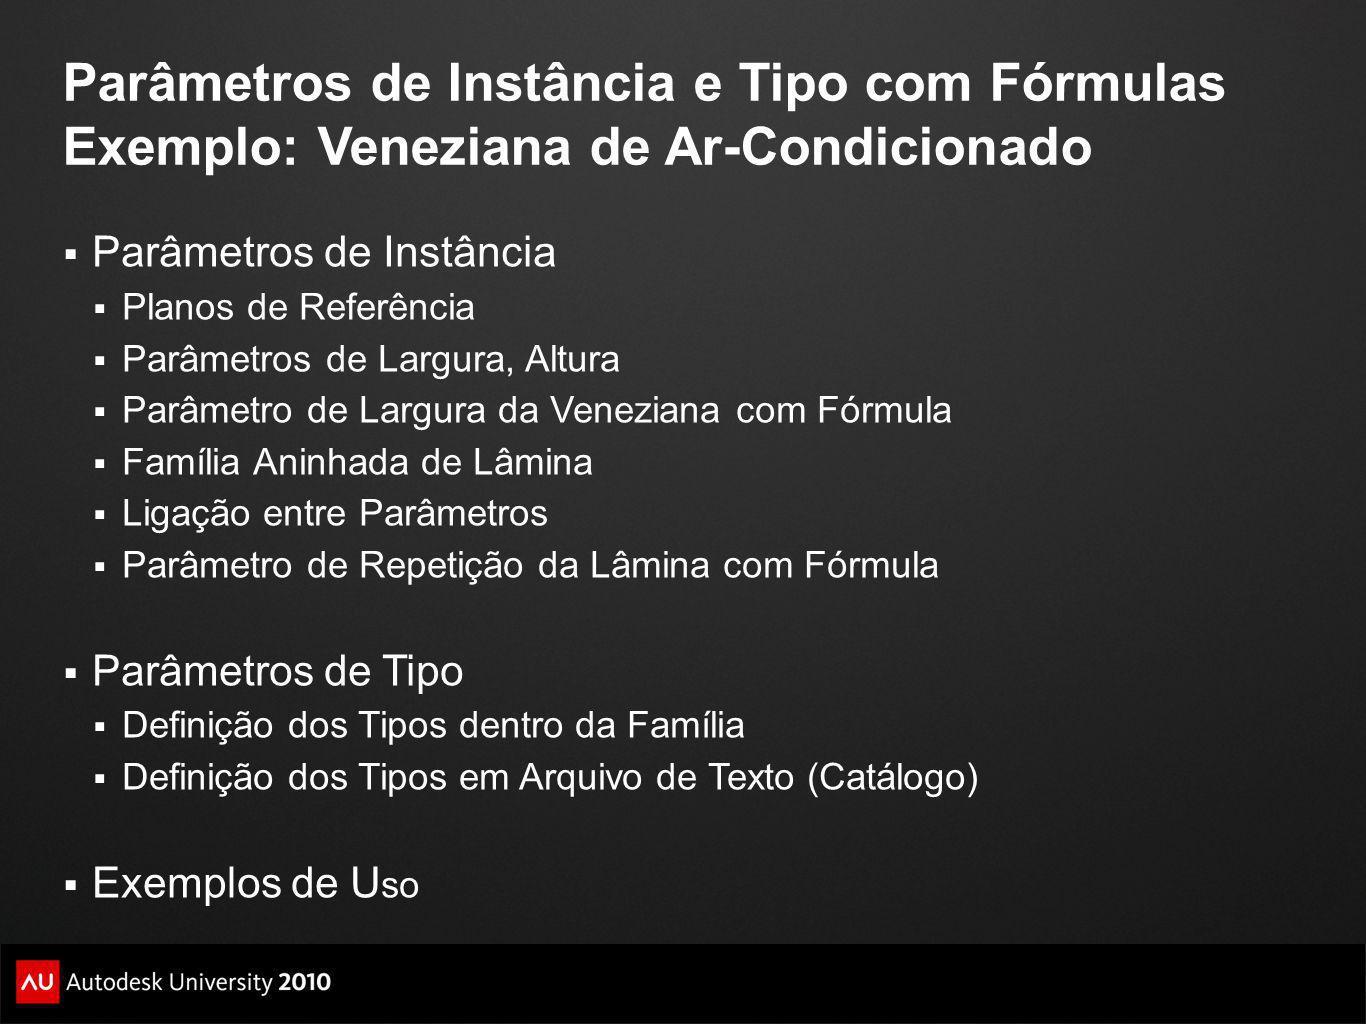 10/19/10 Parâmetros de Instância e Tipo com Fórmulas Exemplo: Veneziana de Ar-Condicionado. Parâmetros de Instância.